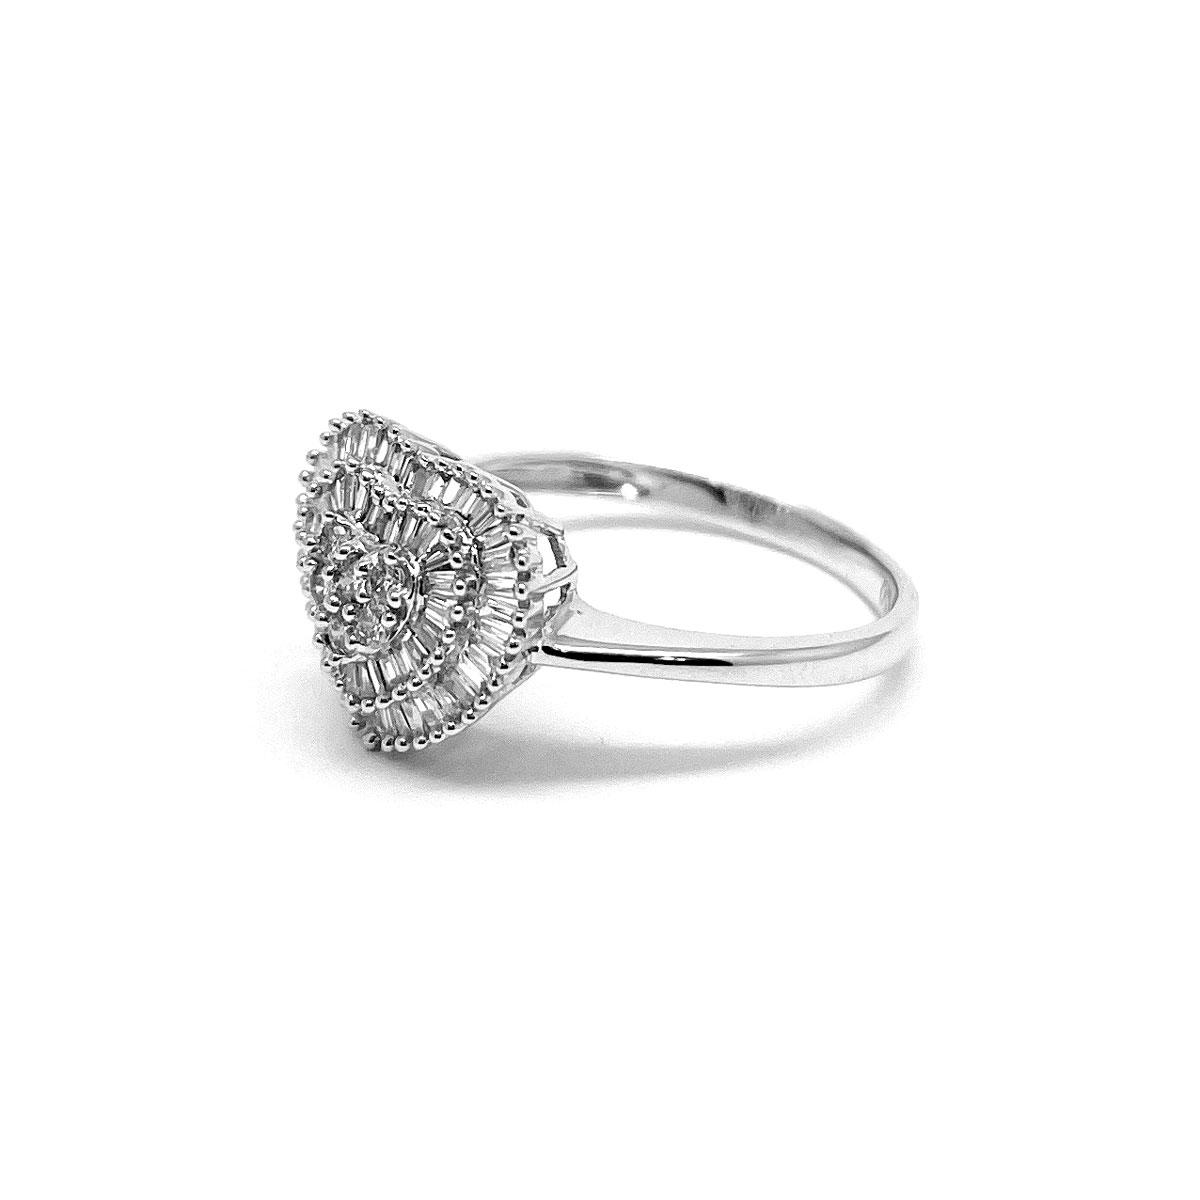 Anel Feminino de Diamante 40 Pts Coração Pizza Ouro Branco 18K 25500 K850